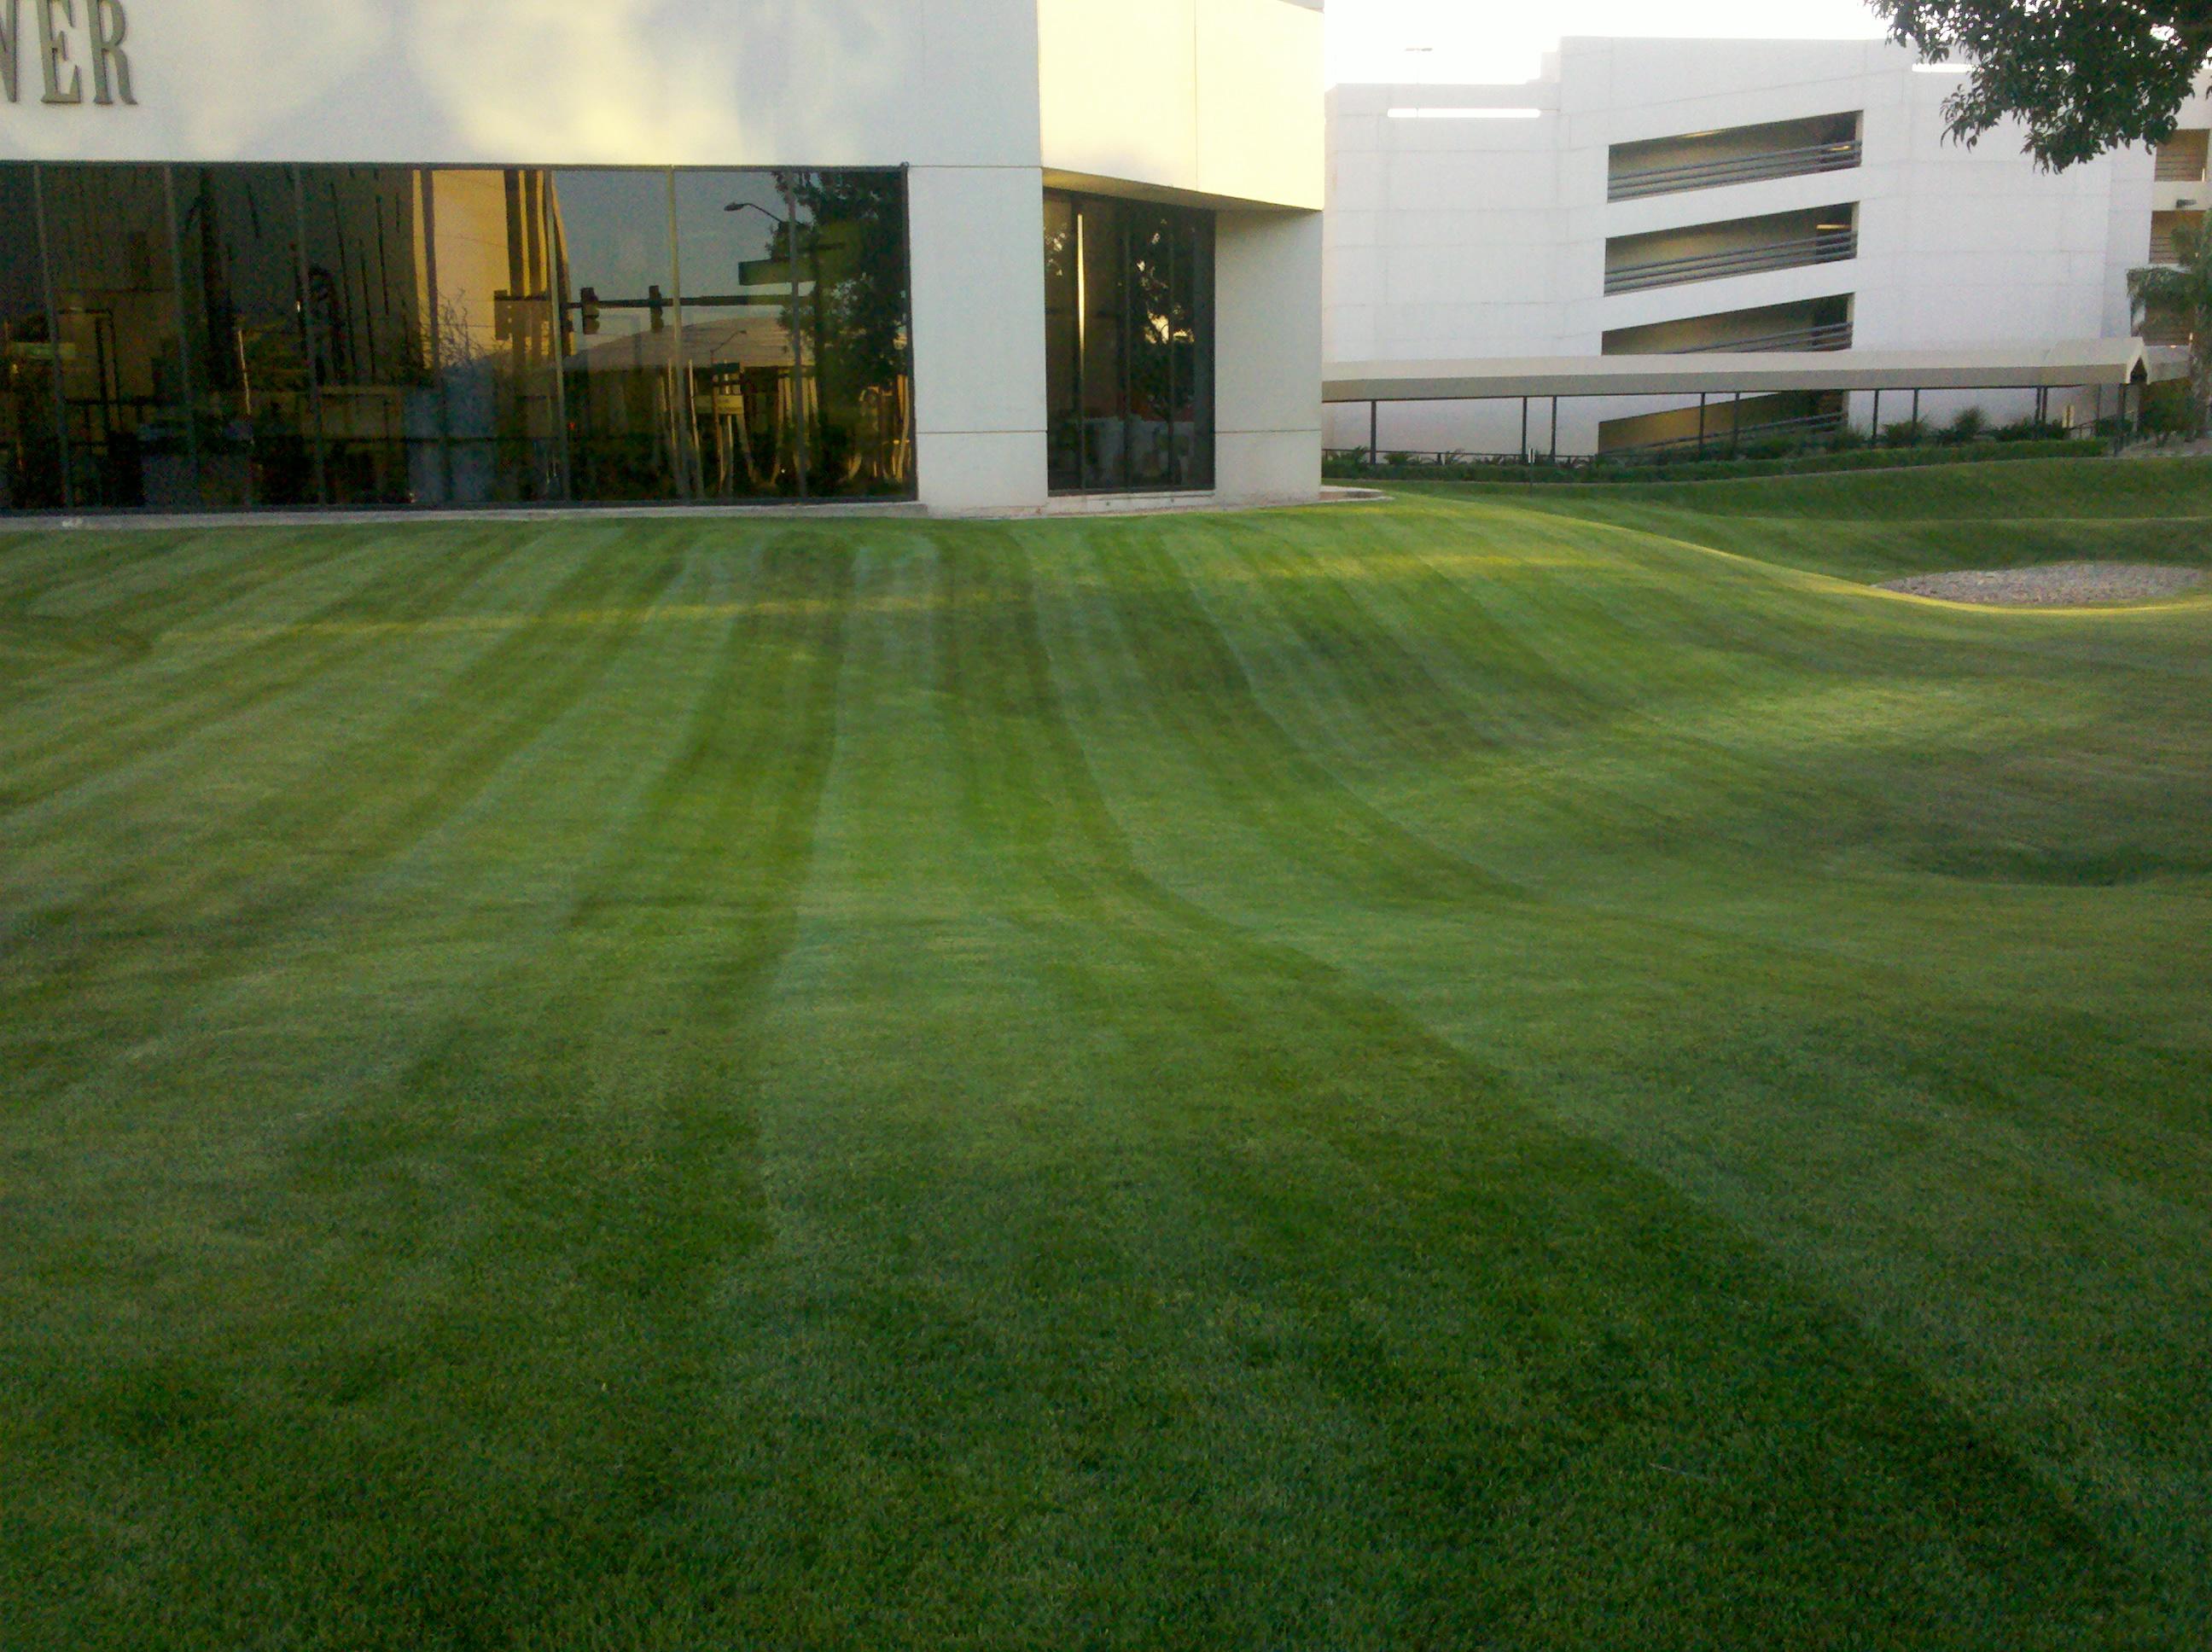 landscaping bids